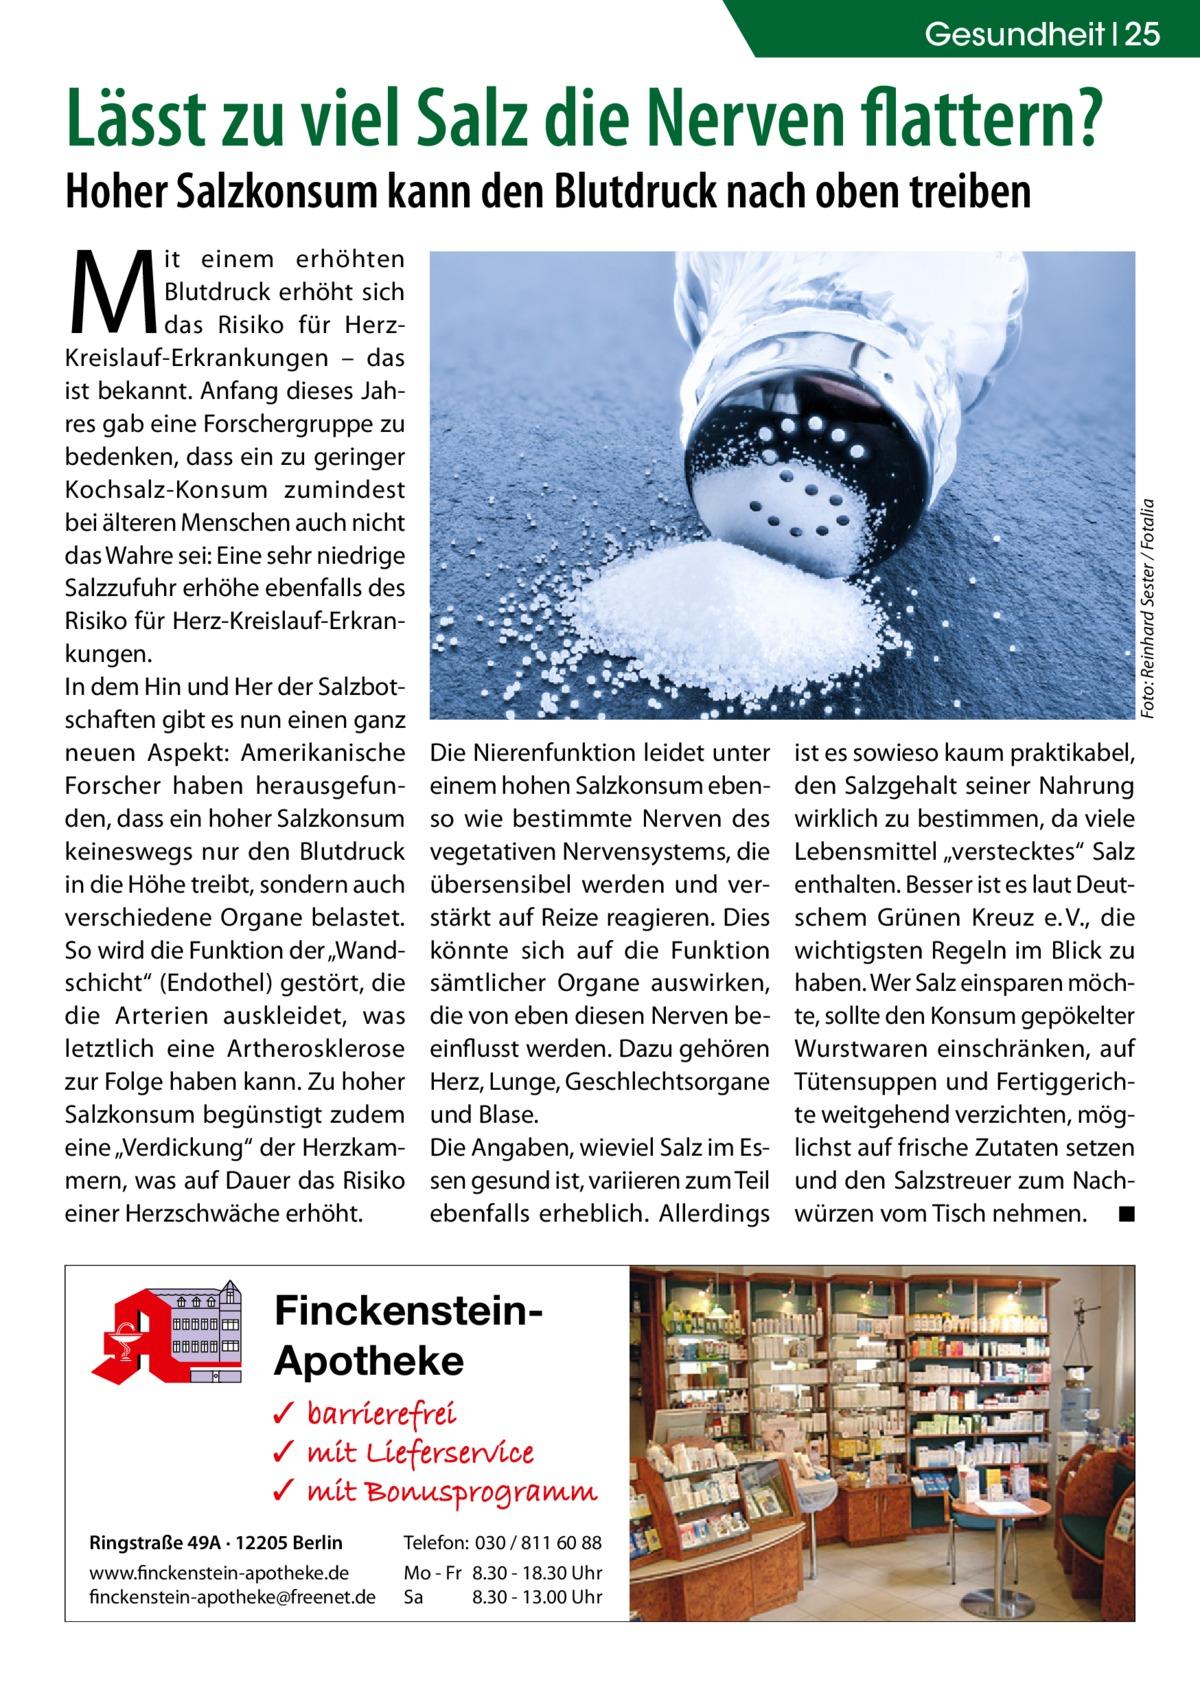 """Gesundheit 25  Lässt zu viel Salz die Nerven flattern? Hoher Salzkonsum kann den Blutdruck nach oben treiben  Foto: Reinhard Sester / Fotalia  M  it einem erhöhten Blutdruck erhöht sich das Risiko für HerzKreislauf-Erkrankungen – das ist bekannt. Anfang dieses Jahres gab eine Forschergruppe zu bedenken, dass ein zu geringer Kochsalz-Konsum zumindest bei älteren Menschen auch nicht das Wahre sei: Eine sehr niedrige Salzzufuhr erhöhe ebenfalls des Risiko für Herz-Kreislauf-Erkrankungen. In dem Hin und Her der Salzbotschaften gibt es nun einen ganz neuen Aspekt: Amerikanische Forscher haben herausgefunden, dass ein hoher Salzkonsum keineswegs nur den Blutdruck in die Höhe treibt, sondern auch verschiedene Organe belastet. So wird die Funktion der """"Wandschicht"""" (Endothel) gestört, die die Arterien auskleidet, was letztlich eine Artherosklerose eke OHG zur Folge haben kann. Zu hoher Salzkonsum begünstigt zudem eine """"Verdickung"""" der Herzkammern, was auf Dauer das Risiko einer Herzschwäche erhöht. 8  Die Nierenfunktion leidet unter einem hohen Salzkonsum ebenso wie bestimmte Nerven des vegetativen Nervensystems, die übersensibel werden und verstärkt auf Reize reagieren. Dies könnte sich auf die Funktion sämtlicher Organe auswirken, die von eben diesen Nerven beeinflusst werden. Dazu gehören Herz, Lunge, Geschlechtsorgane und Blase. Die Angaben, wieviel Salz im Essen gesund ist, variieren zum Teil ebenfalls erheblich. Allerdings  FinckensteinApotheke ✓ ✓ ✓ Ringstraße 49A · 12205 Berlin  Telefon: 030 / 811 60 88  www.finckenstein-apotheke.de finckenstein-apotheke@freenet.de  Mo - Fr 8.30 - 18.30 Uhr Sa 8.30 - 13.00 Uhr  ist es sowieso kaum praktikabel, den Salzgehalt seiner Nahrung wirklich zu bestimmen, da viele Lebensmittel """"verstecktes"""" Salz enthalten. Besser ist es laut Deutschem Grünen Kreuz e.V., die wichtigsten Regeln im Blick zu haben. Wer Salz einsparen möchte, sollte den Konsum gepökelter Wurstwaren einschränken, auf Tütensuppen und Fertiggerichte weitgehend verzic"""